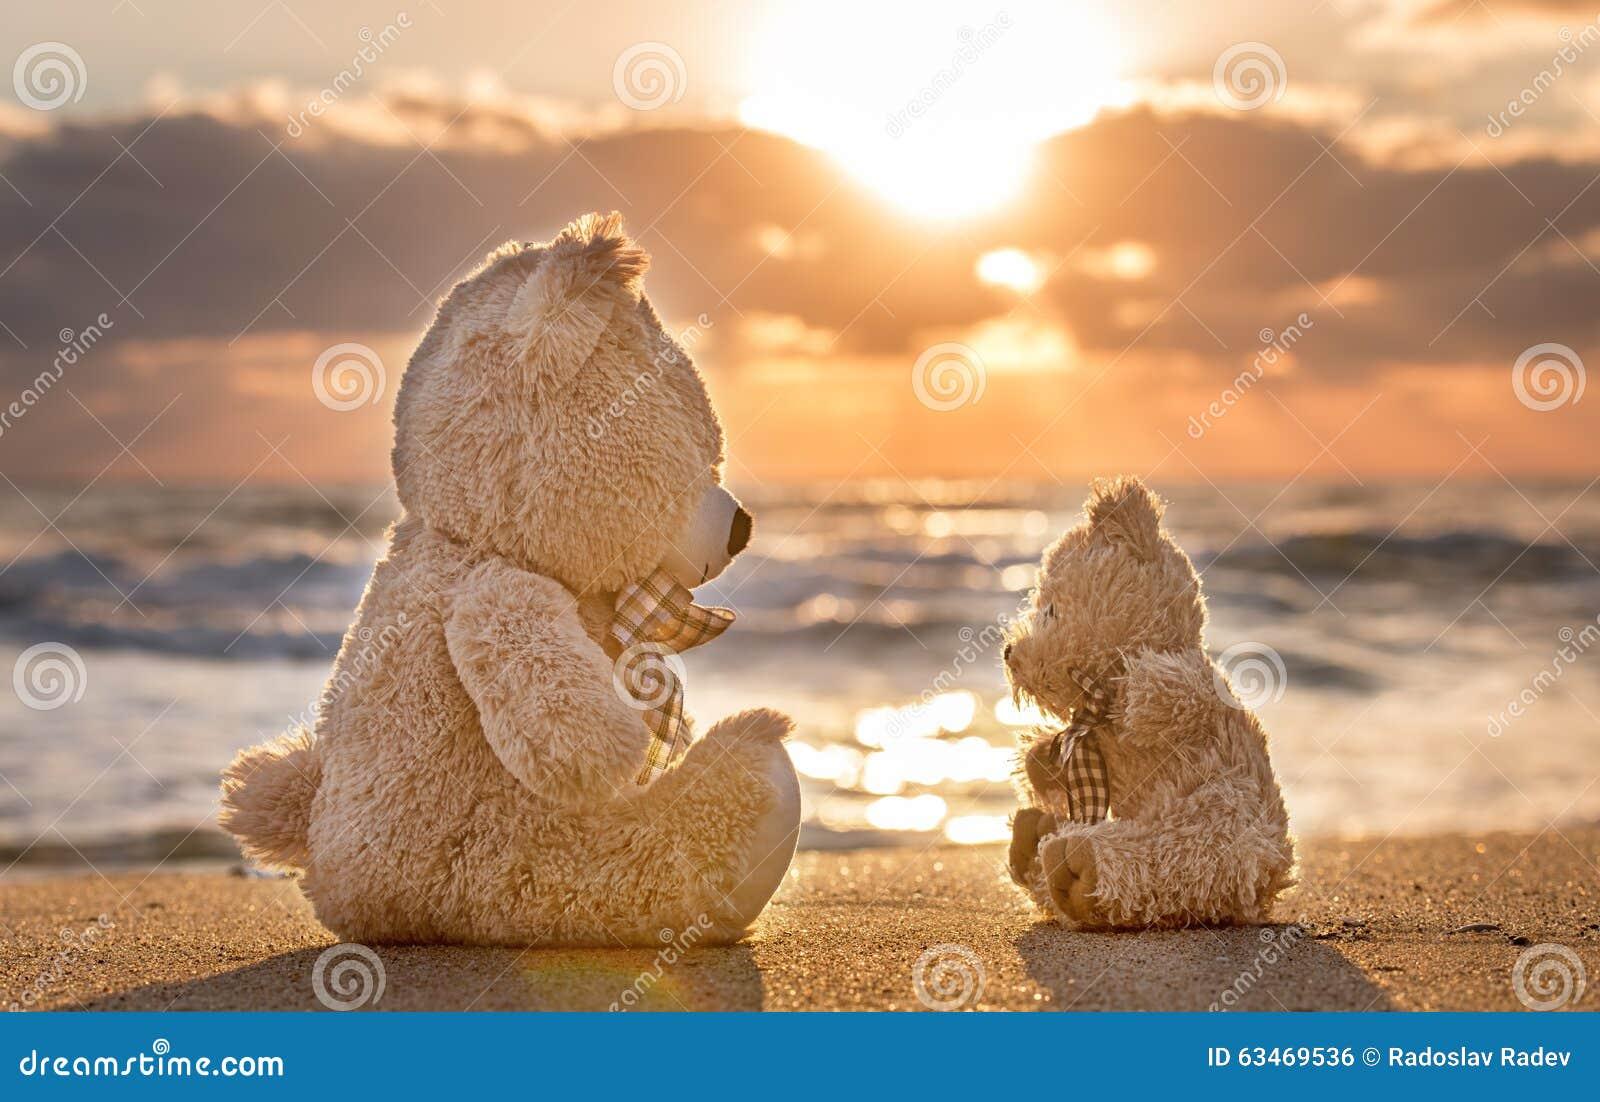 New Teddyberen Die Op Het Mooie Strand Met Liefde Zitten Concept Ab #OS95